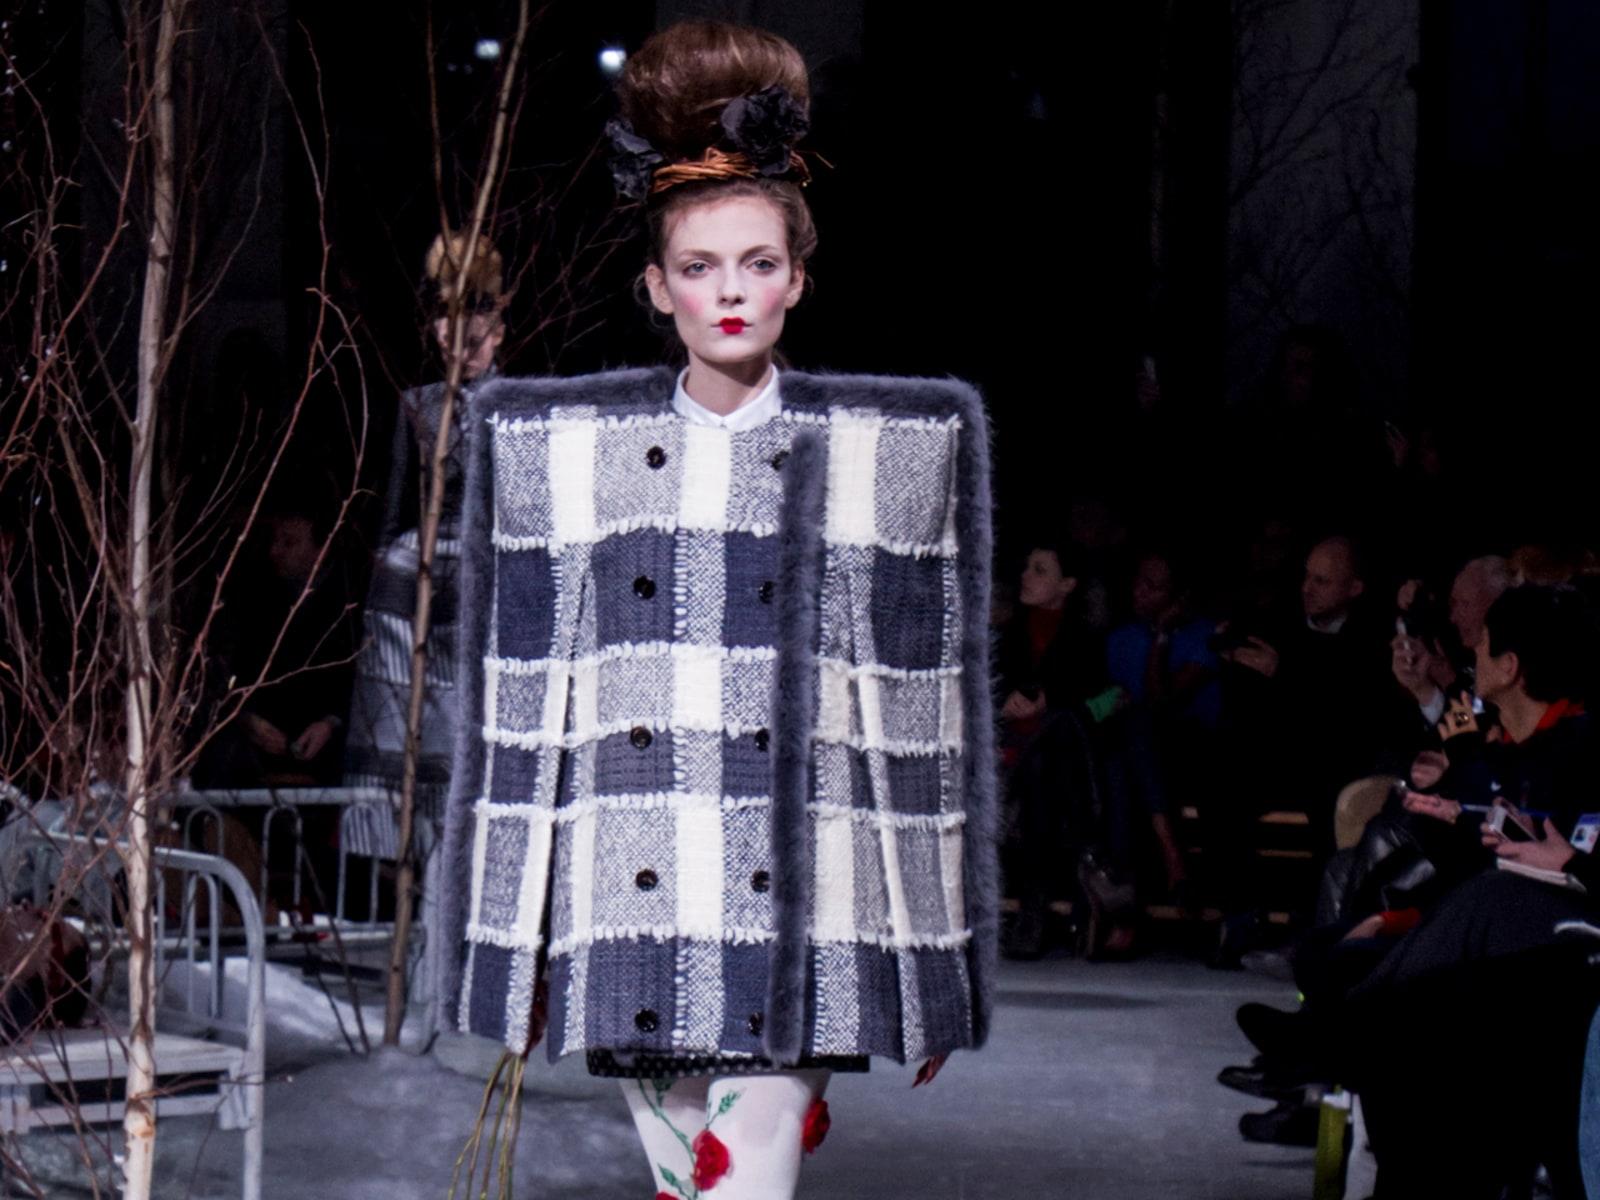 Image: Thom Browne - Presentation - Fall 2013 Mercedes-Benz Fashion Week